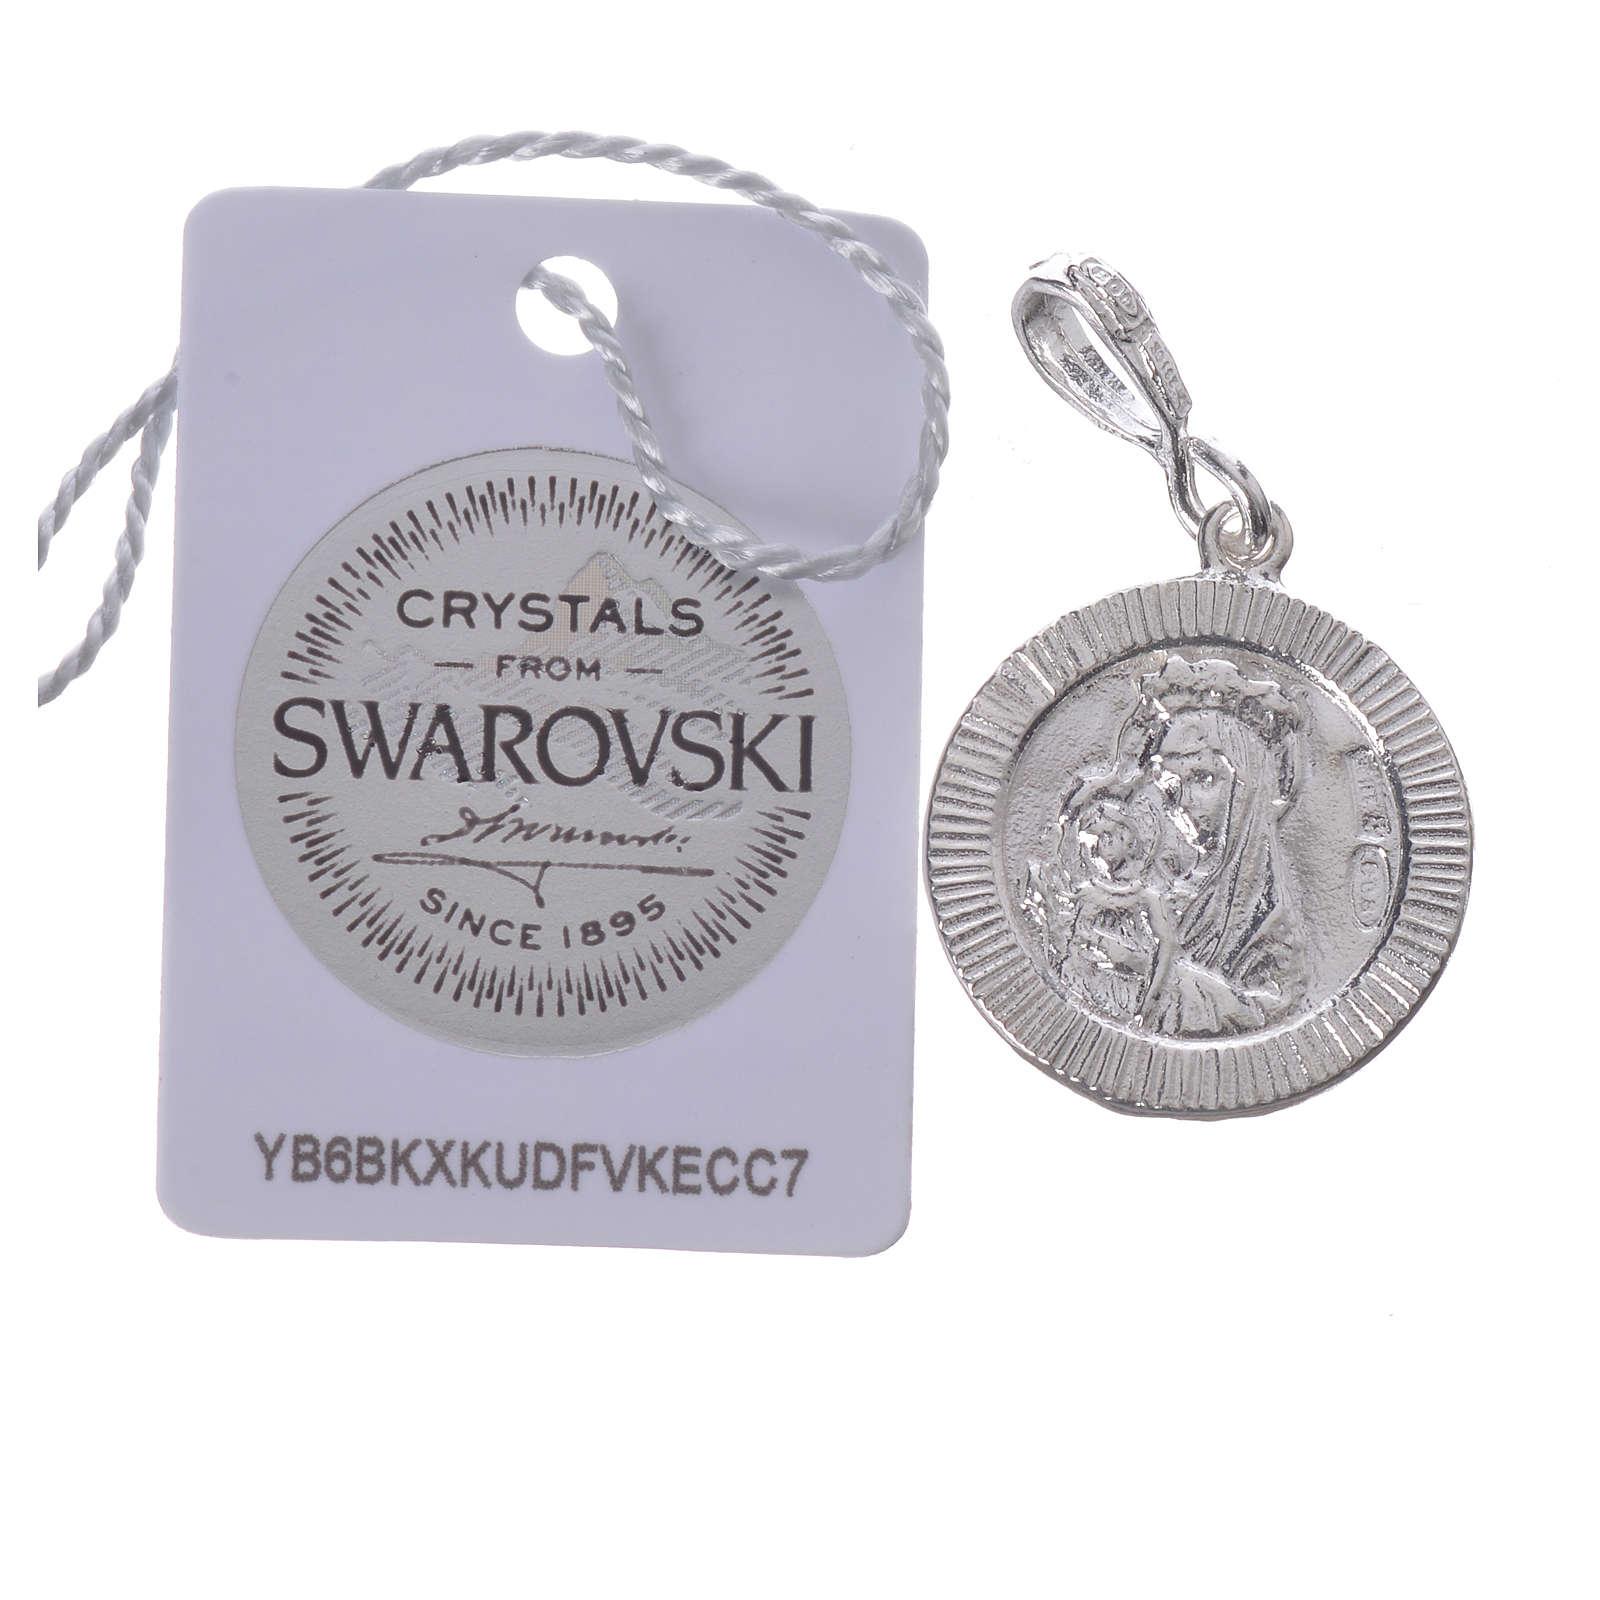 Anhänger Silber 800 und weißen Swarovski PAX 4